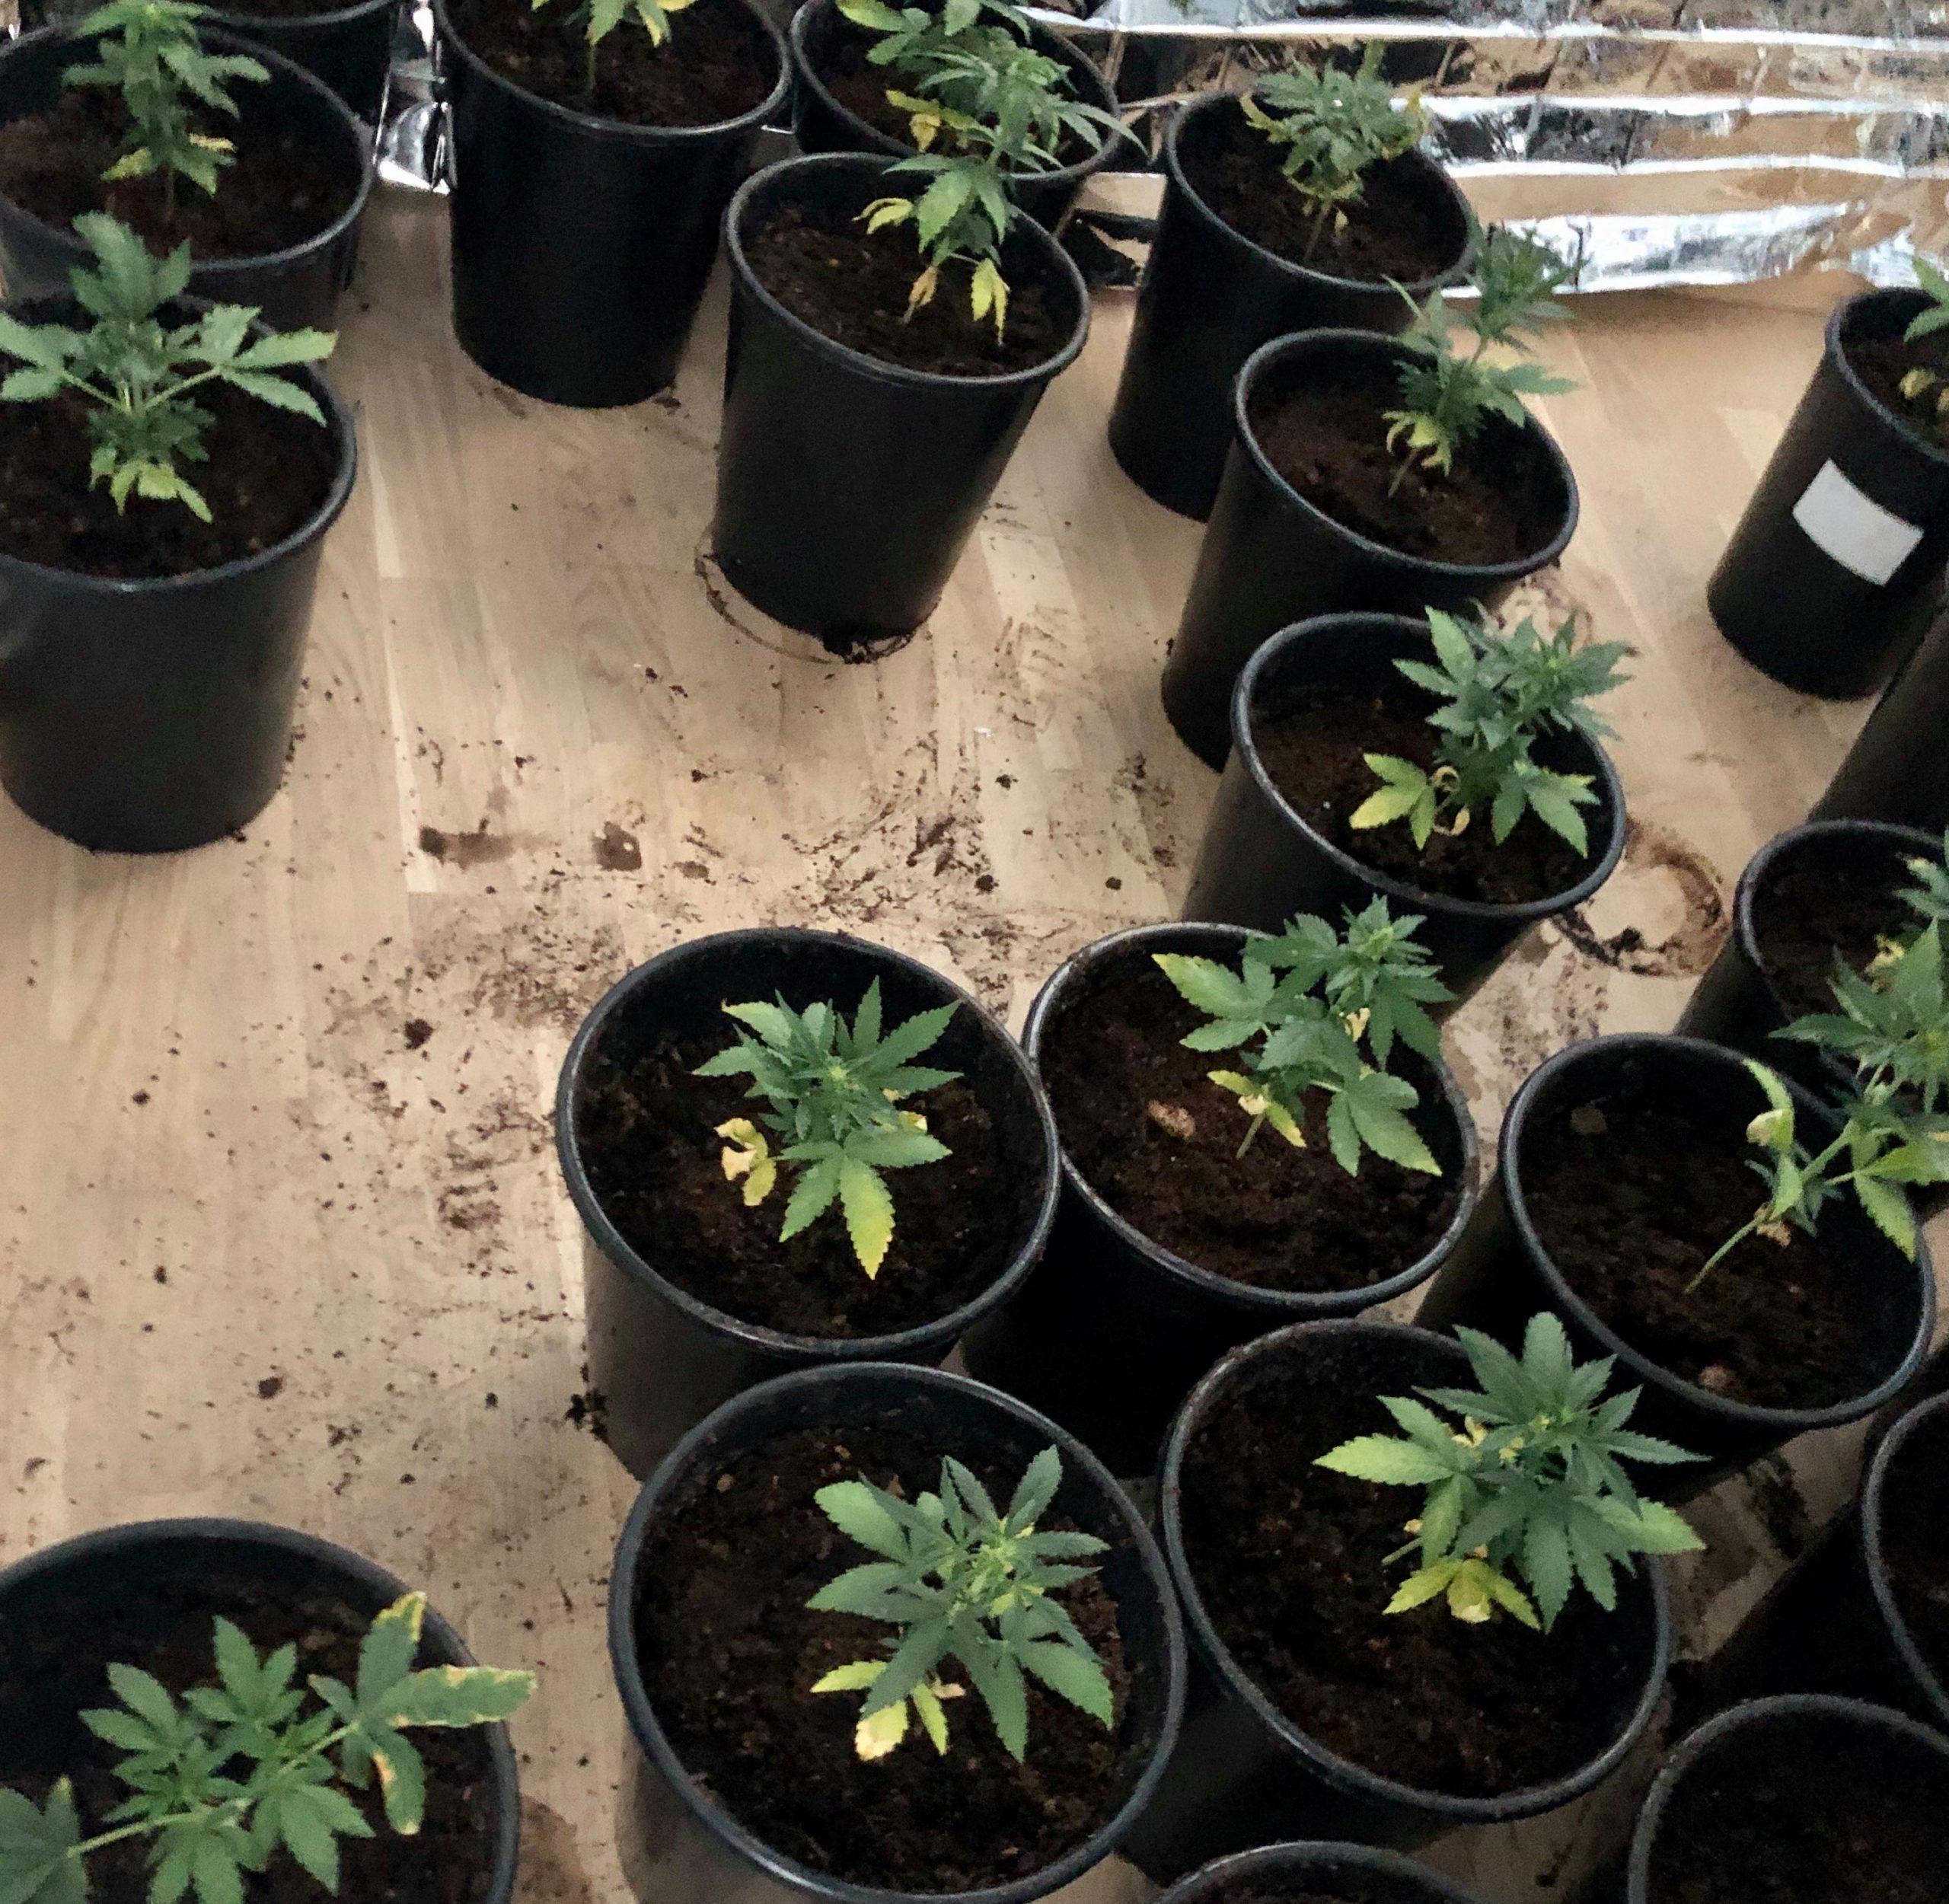 De odlar hasch i lägenheten på vår tomt